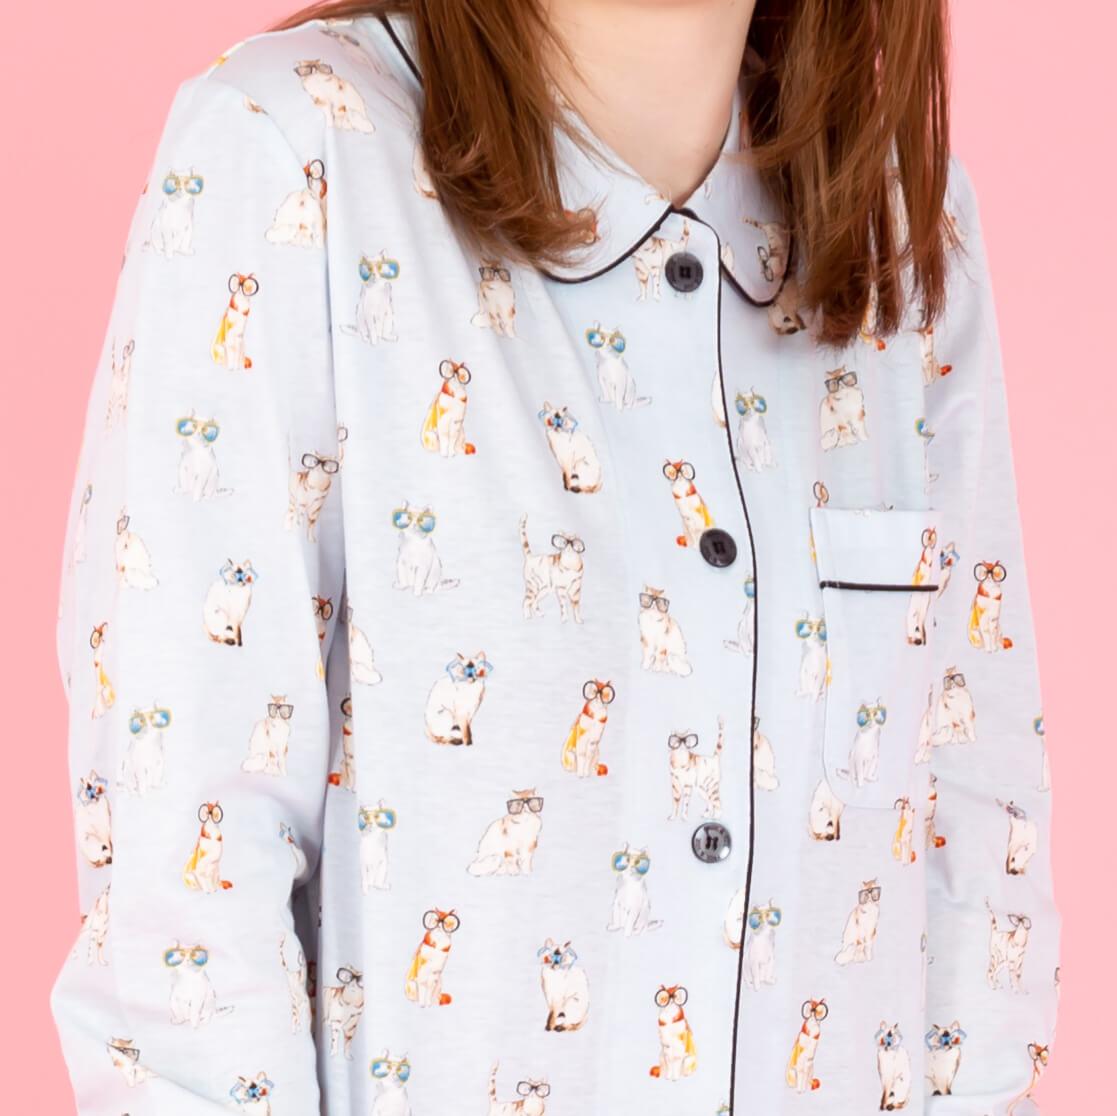 サングラスキャット パジャマ(拡大イメージ) by ポールアンドジョーの猫パジャマ